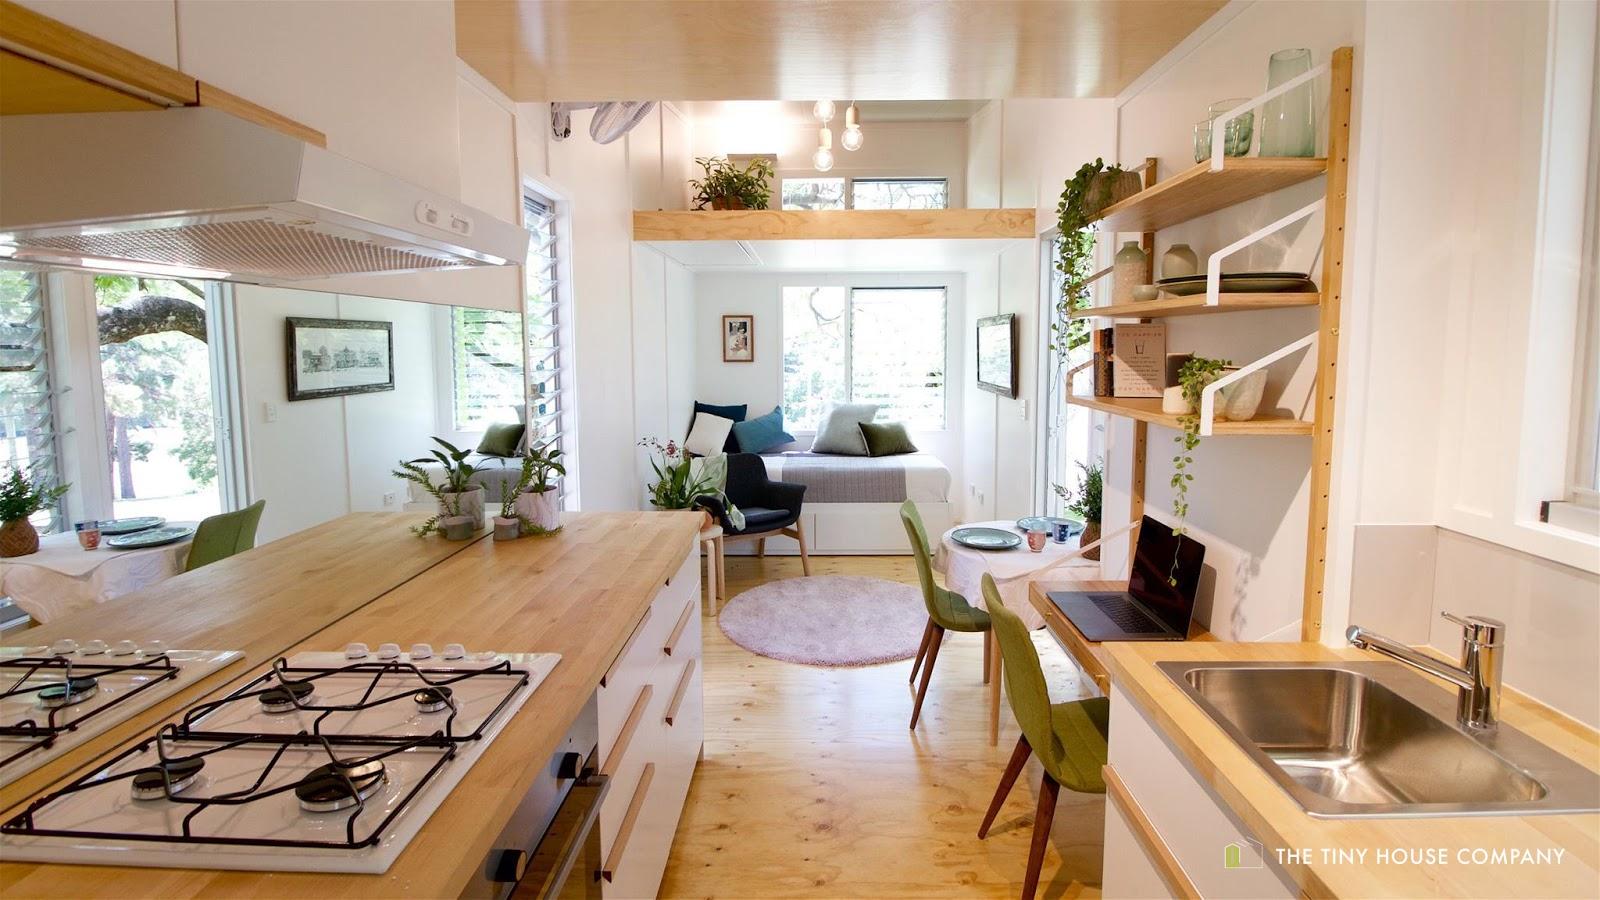 TINY HOUSE TOWN: The Pod C From The Tiny House Company